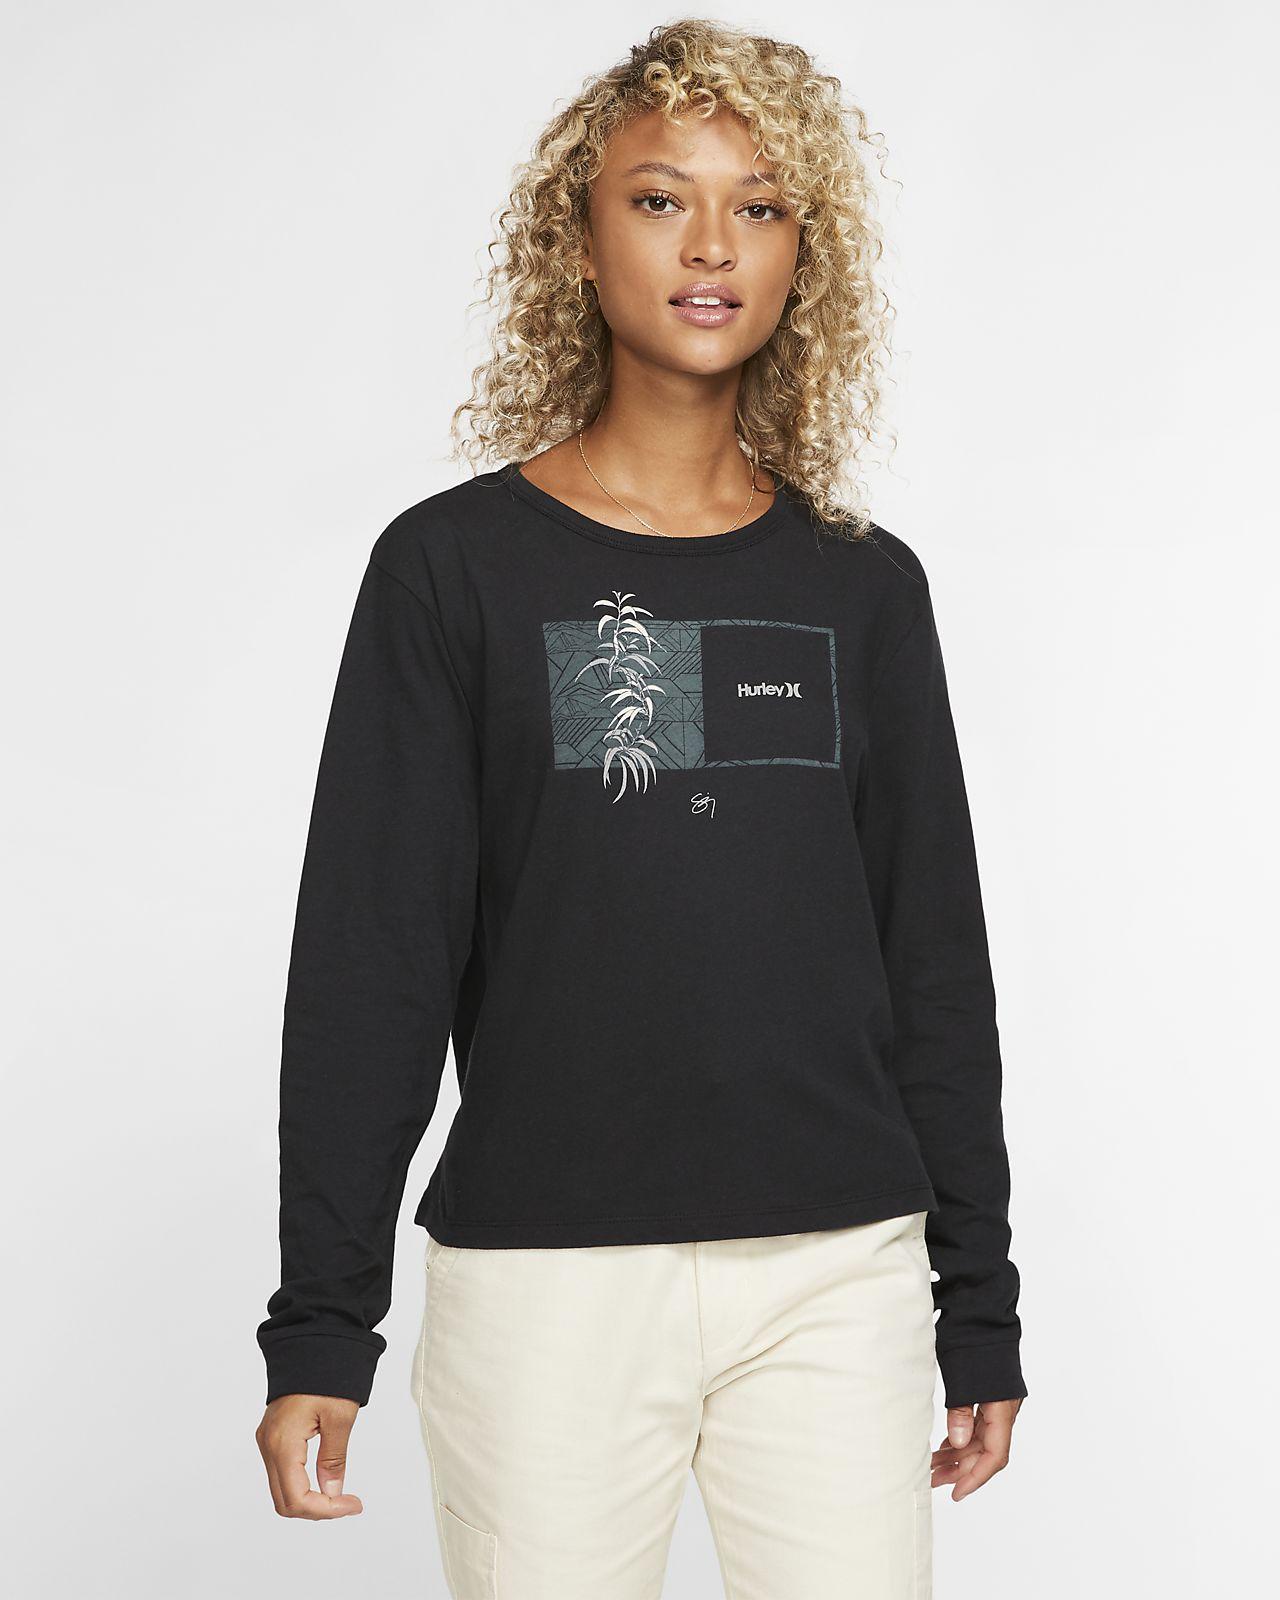 Hurley Sig Zane Perfect T-shirt met lange mouwen voor dames